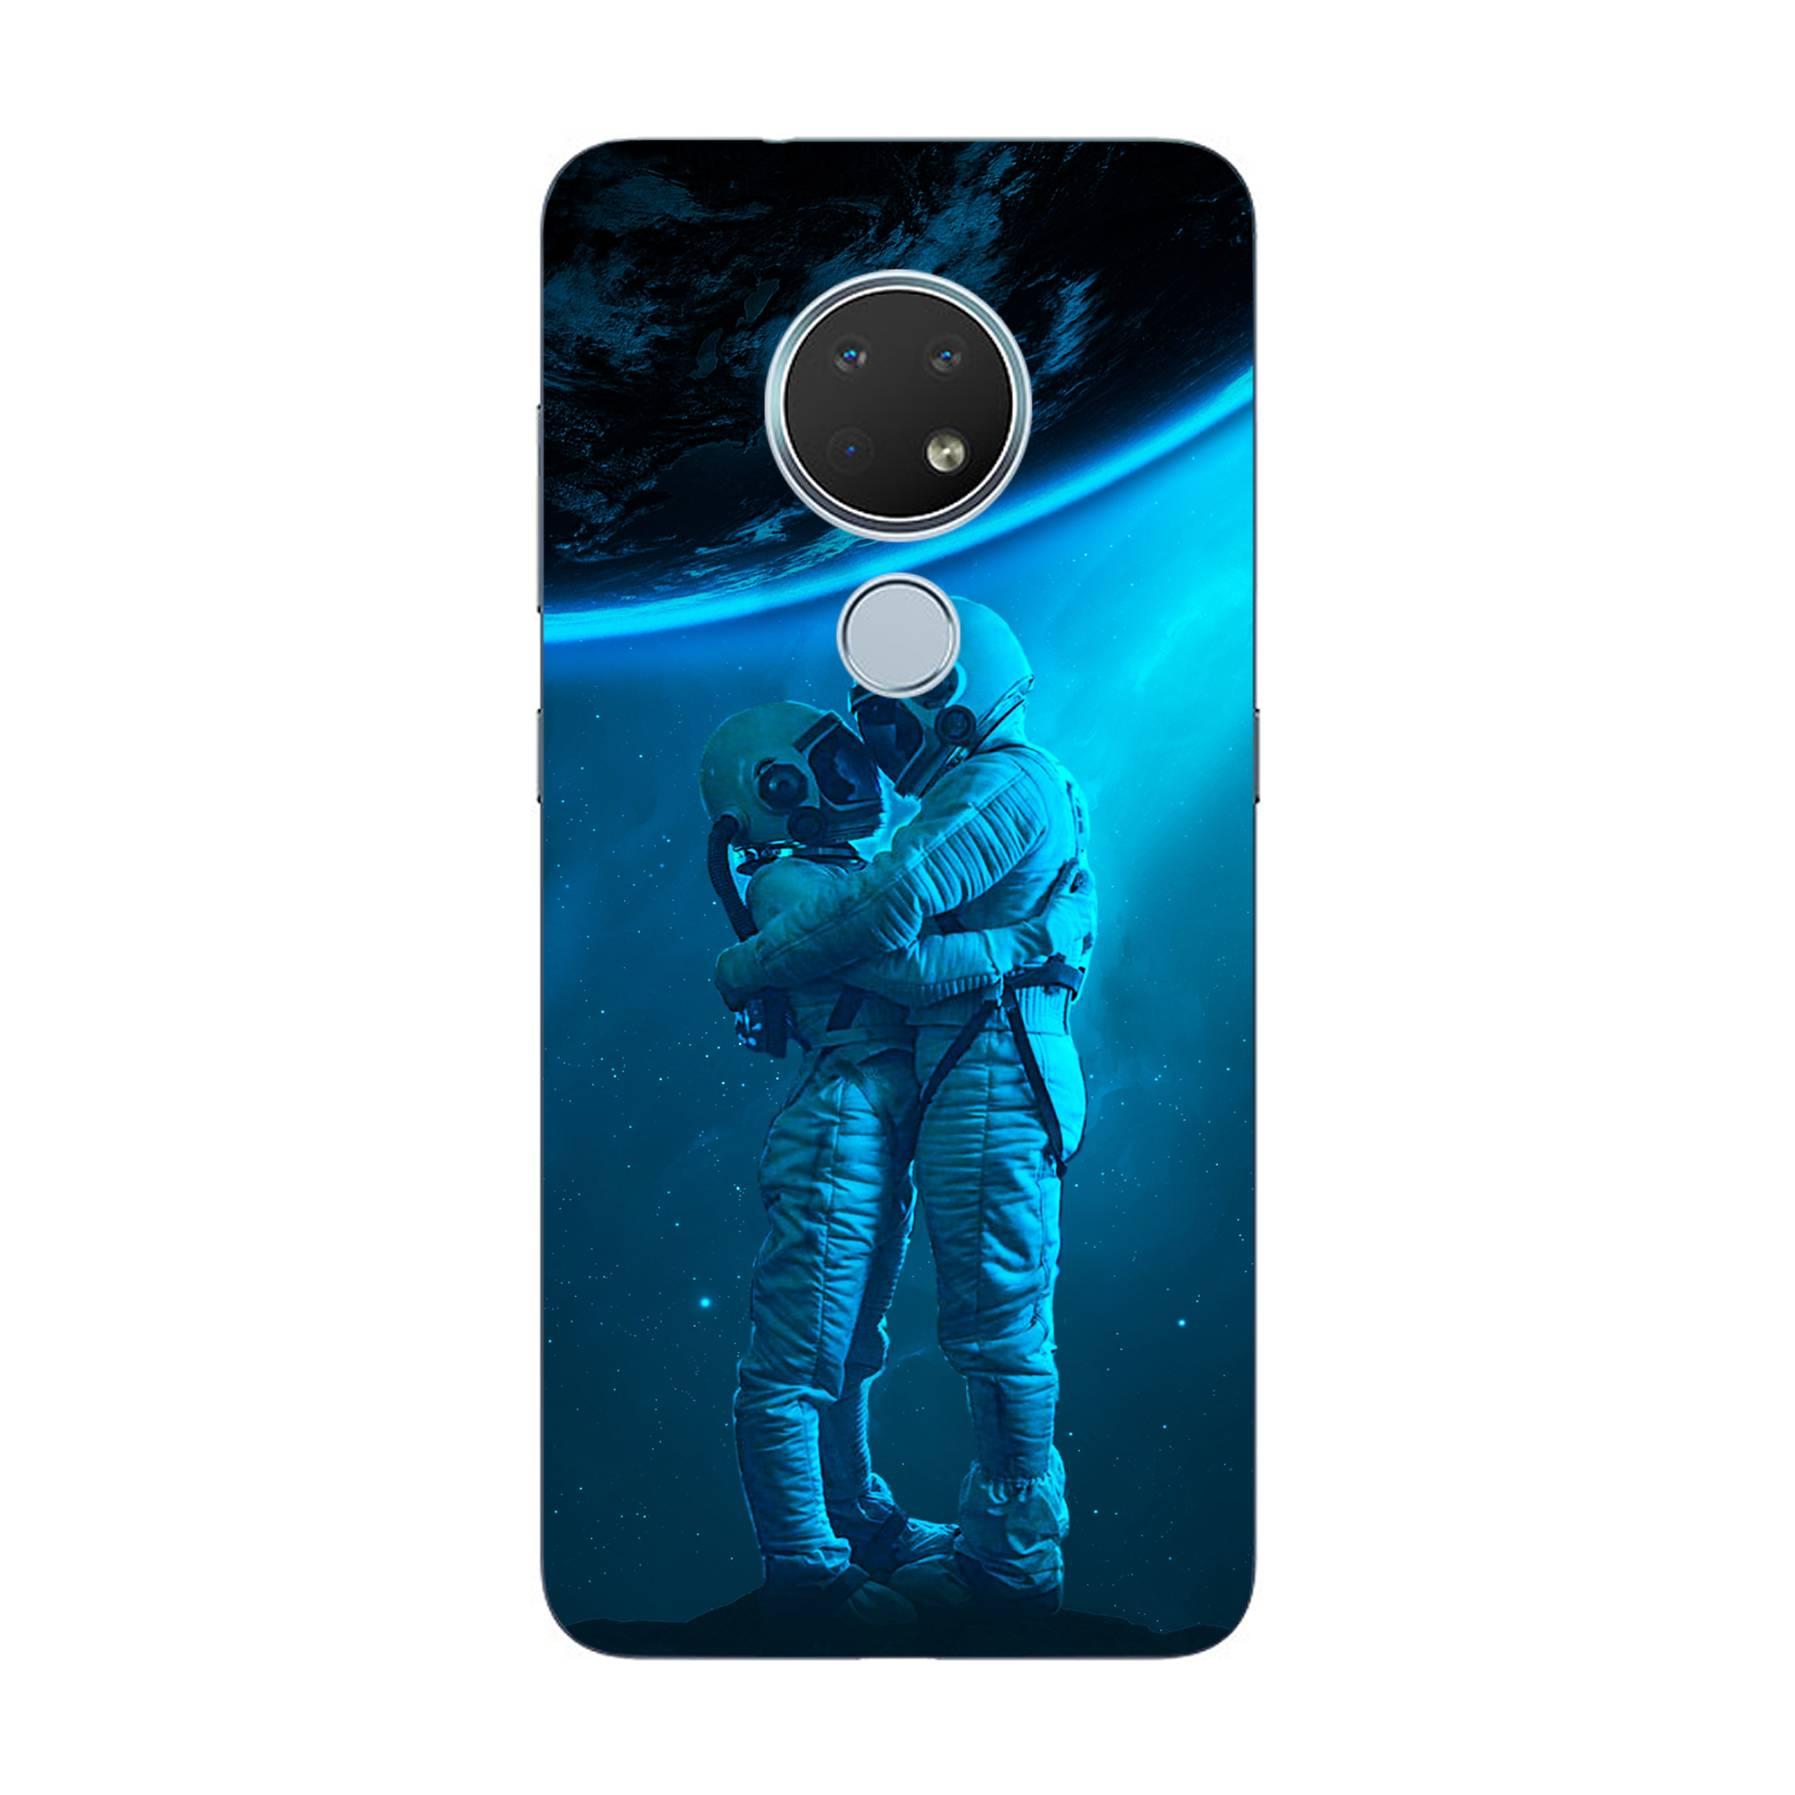 E-pic szilikon védő tok / hátlap - Szerelmes űrhajós pár mintás - NOKIA 7.2